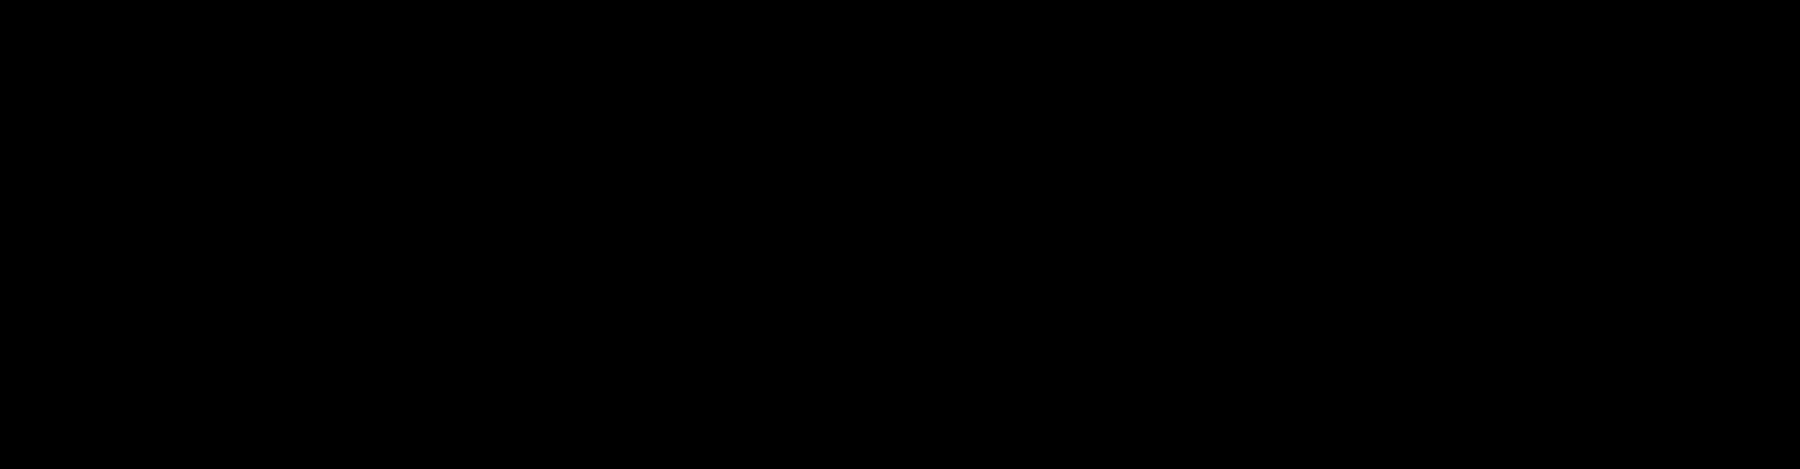 Gutkowskino logo-01